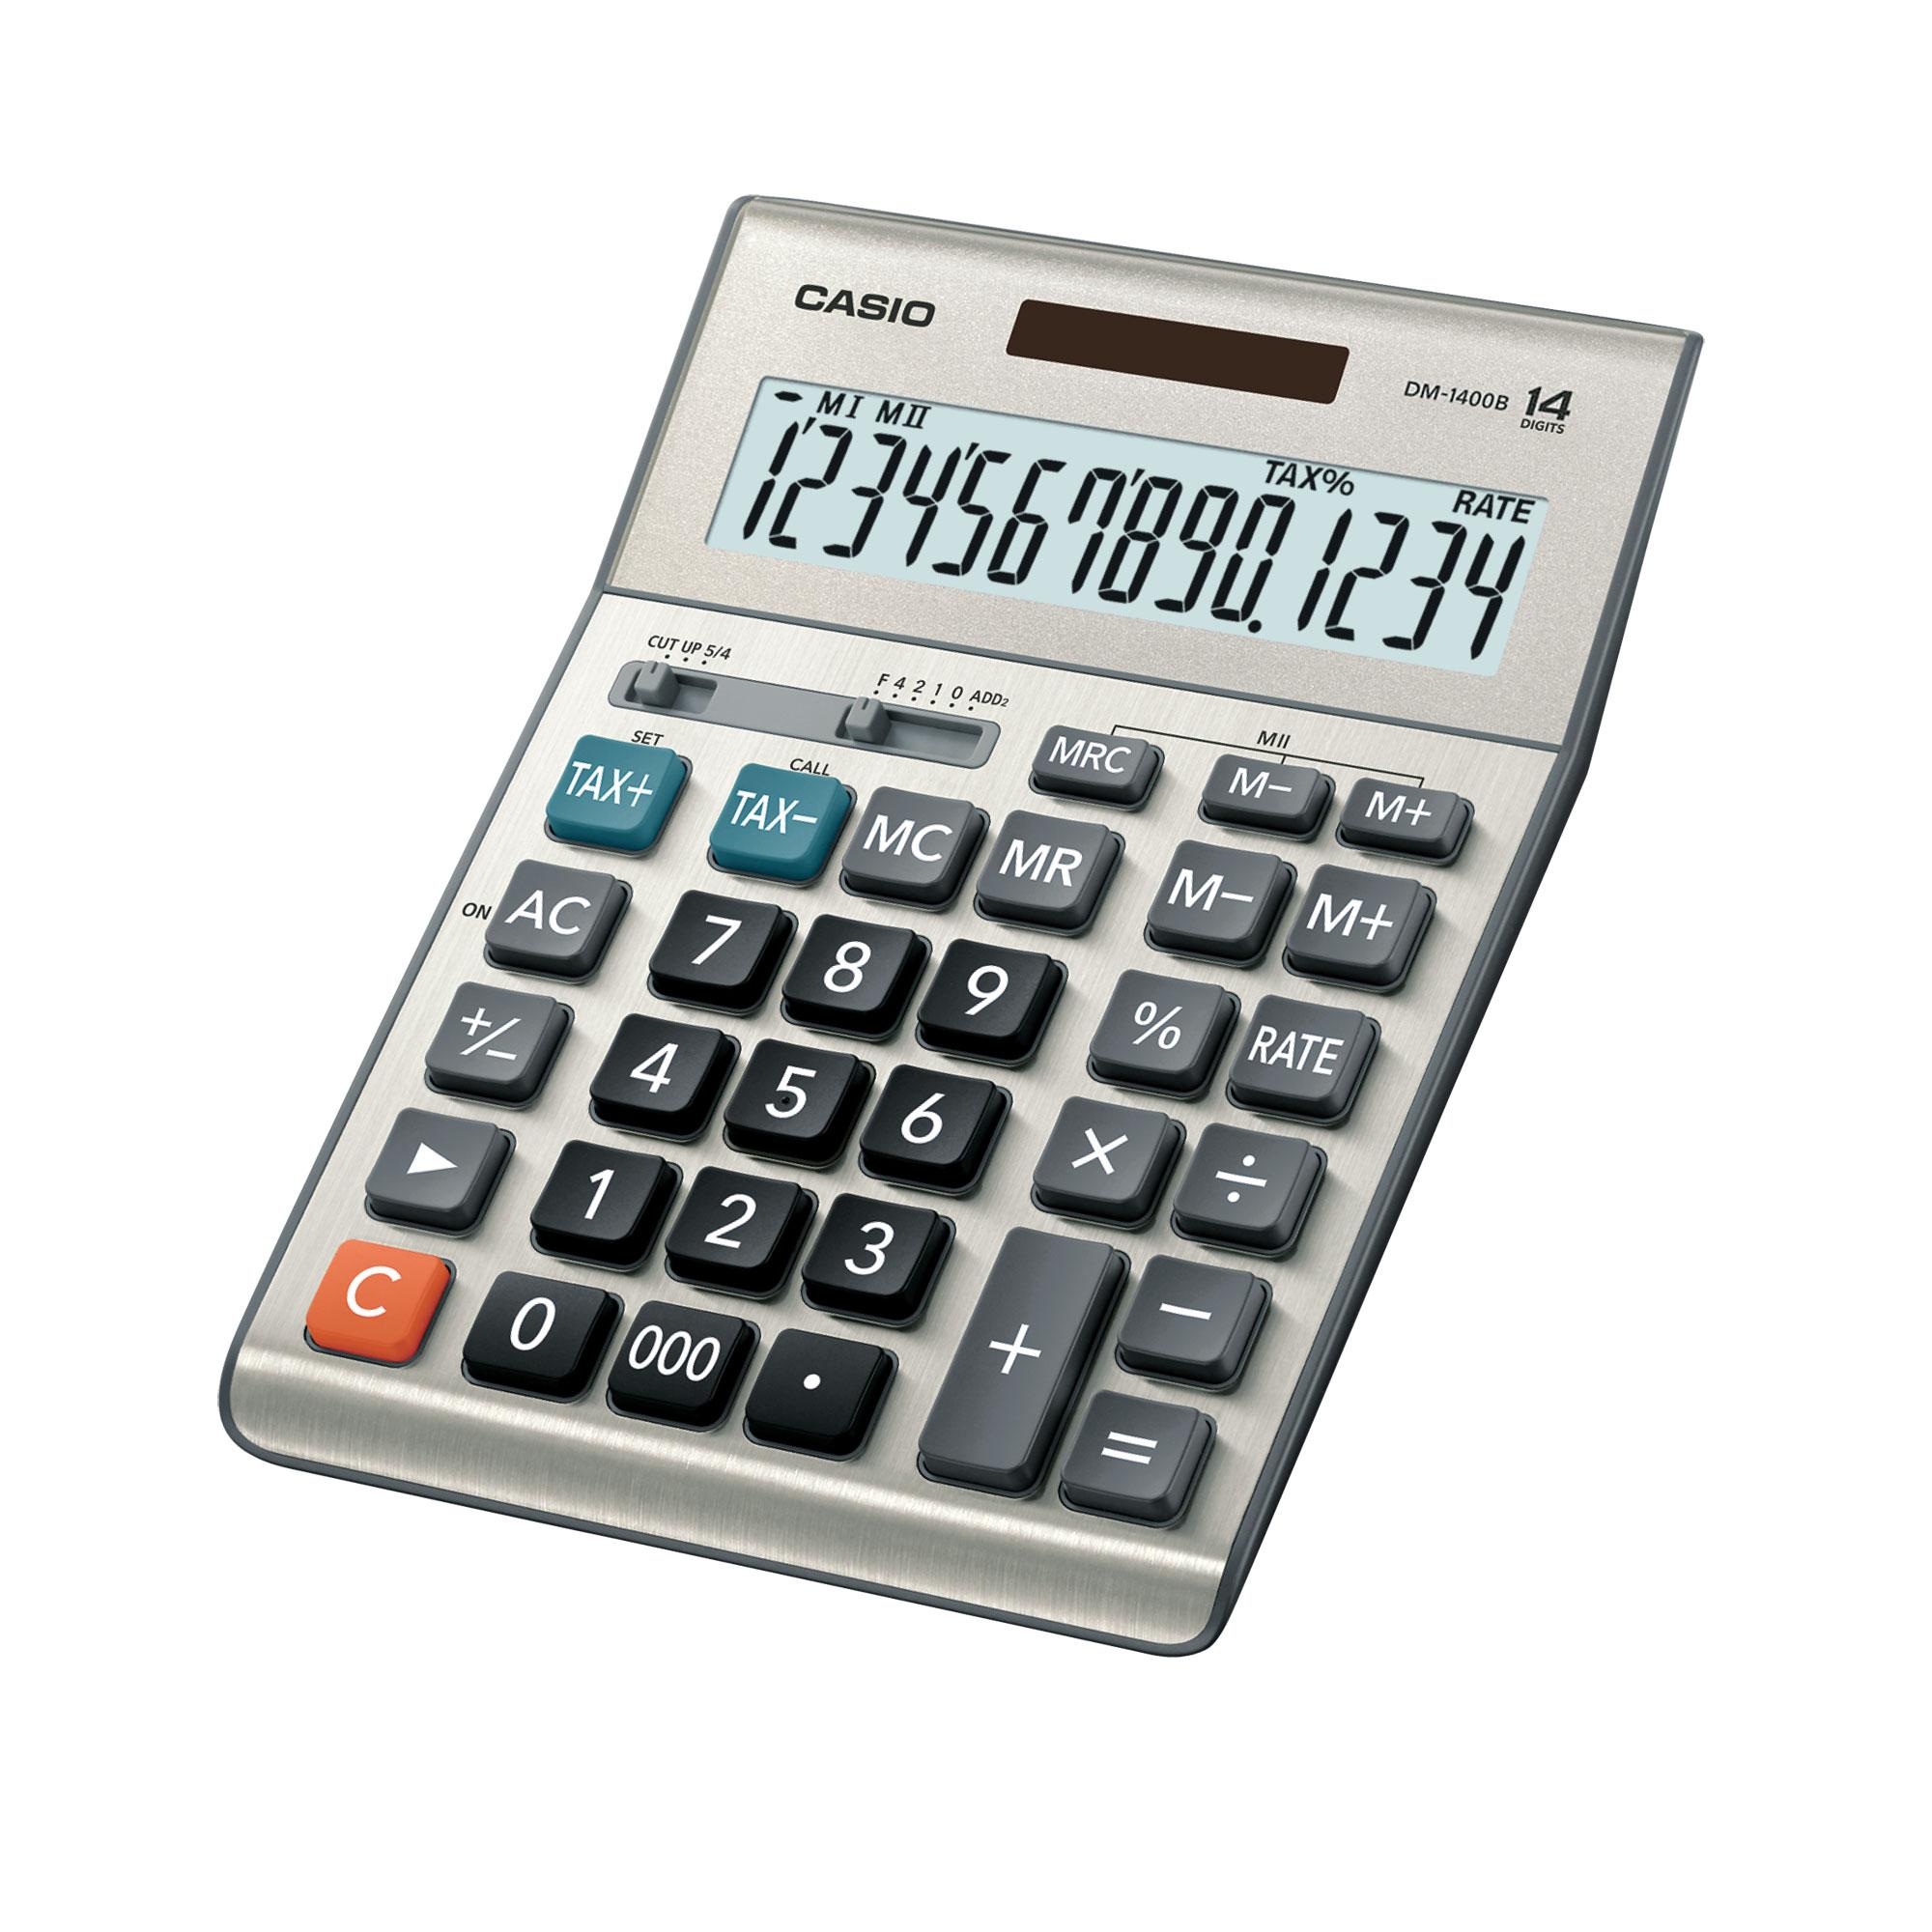 เครื่องคิดเลข Casio แบบมีฟังส์ชั่น 14 Digits DM-1400B